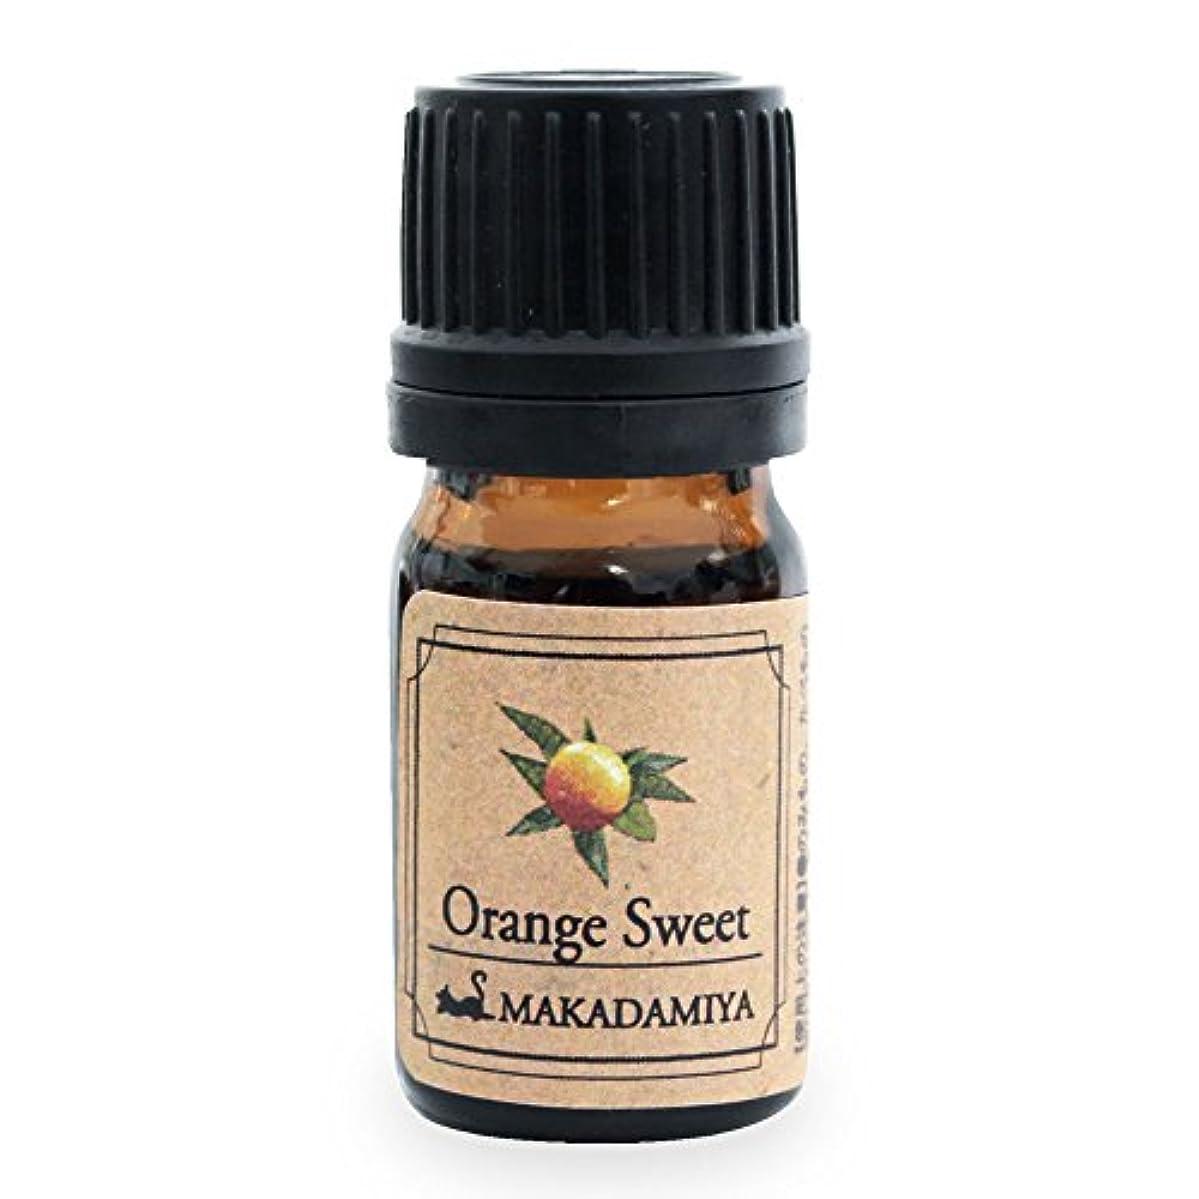 冗長宇宙船ふさわしいオレンジ?スイート5ml 天然100%植物性 エッセンシャルオイル(精油) アロマオイル アロママッサージ aroma Orange Sweet